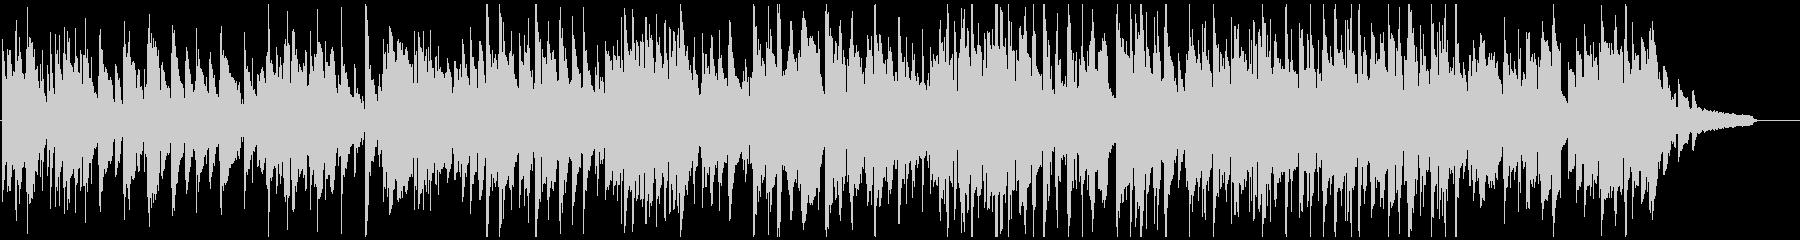 優しいジャズワルツ、暖かいサックスの音色の未再生の波形